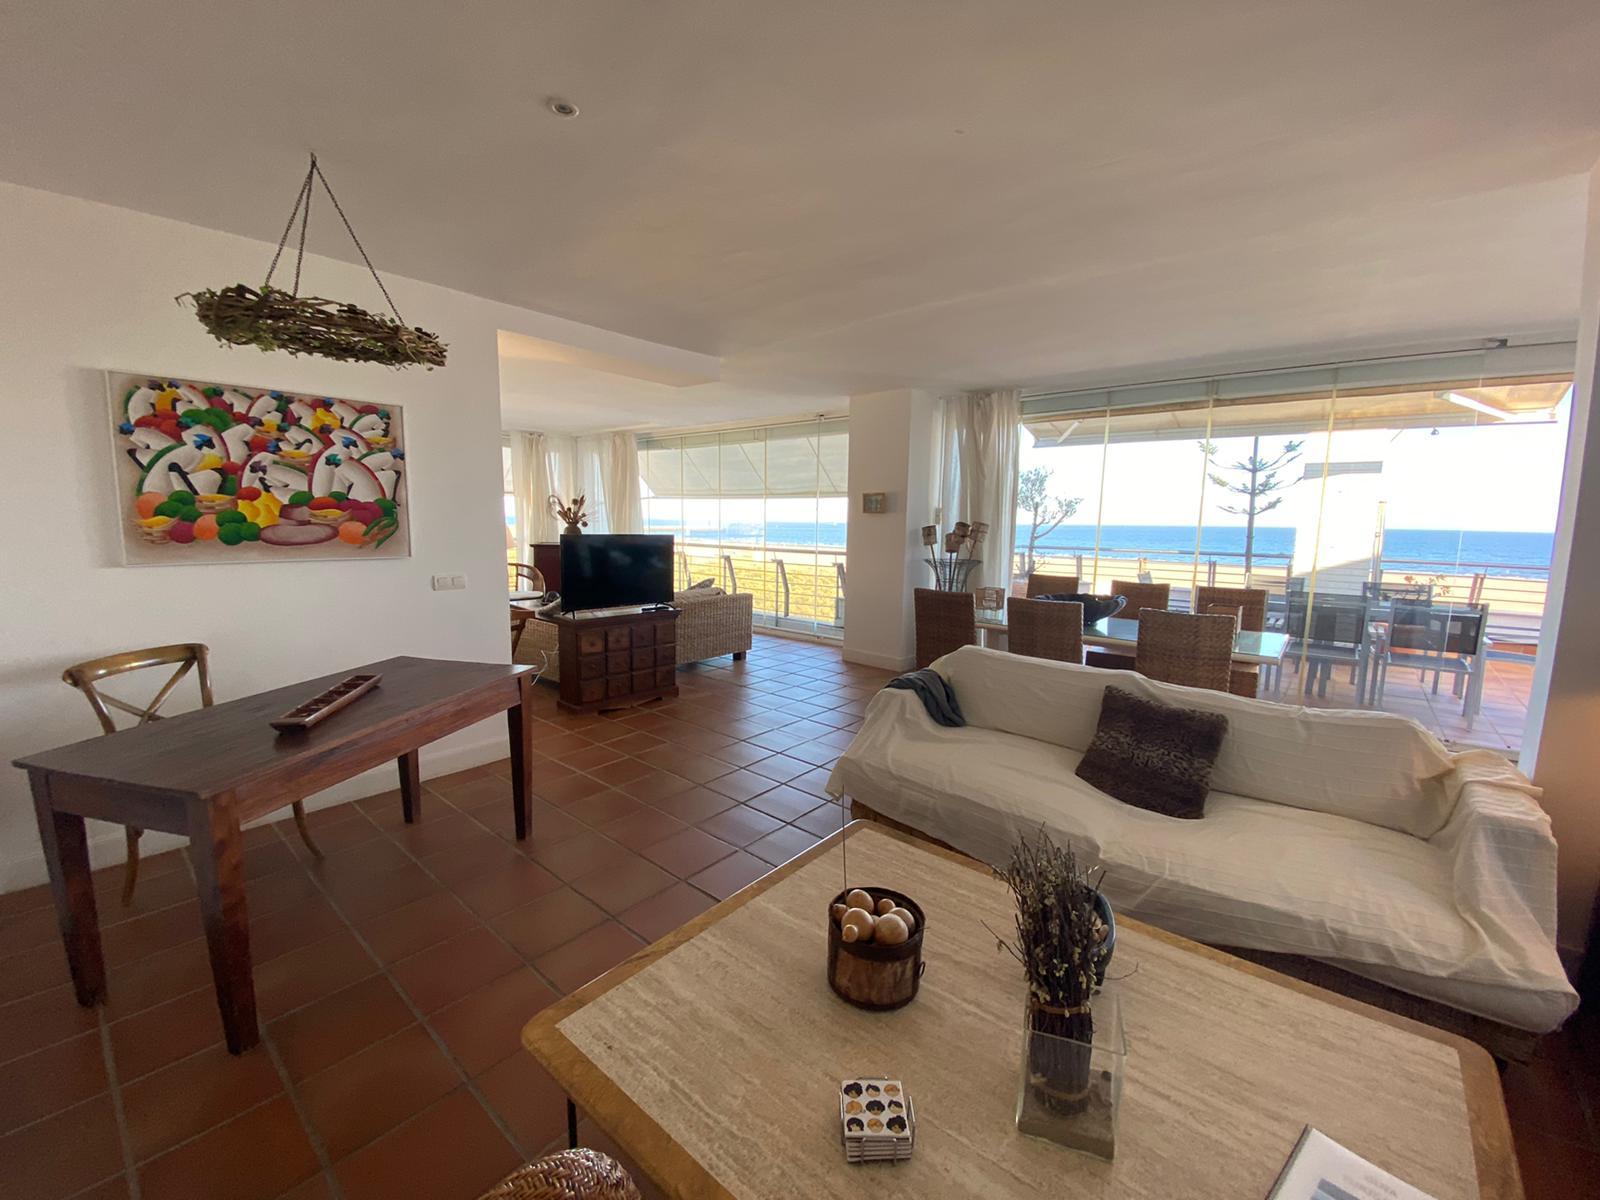 Imagen 41 del Apartamento Turístico, Ático 4 Levante, Frontal (4d+2b), Punta del Moral (HUELVA), Paseo de la Cruz nº22